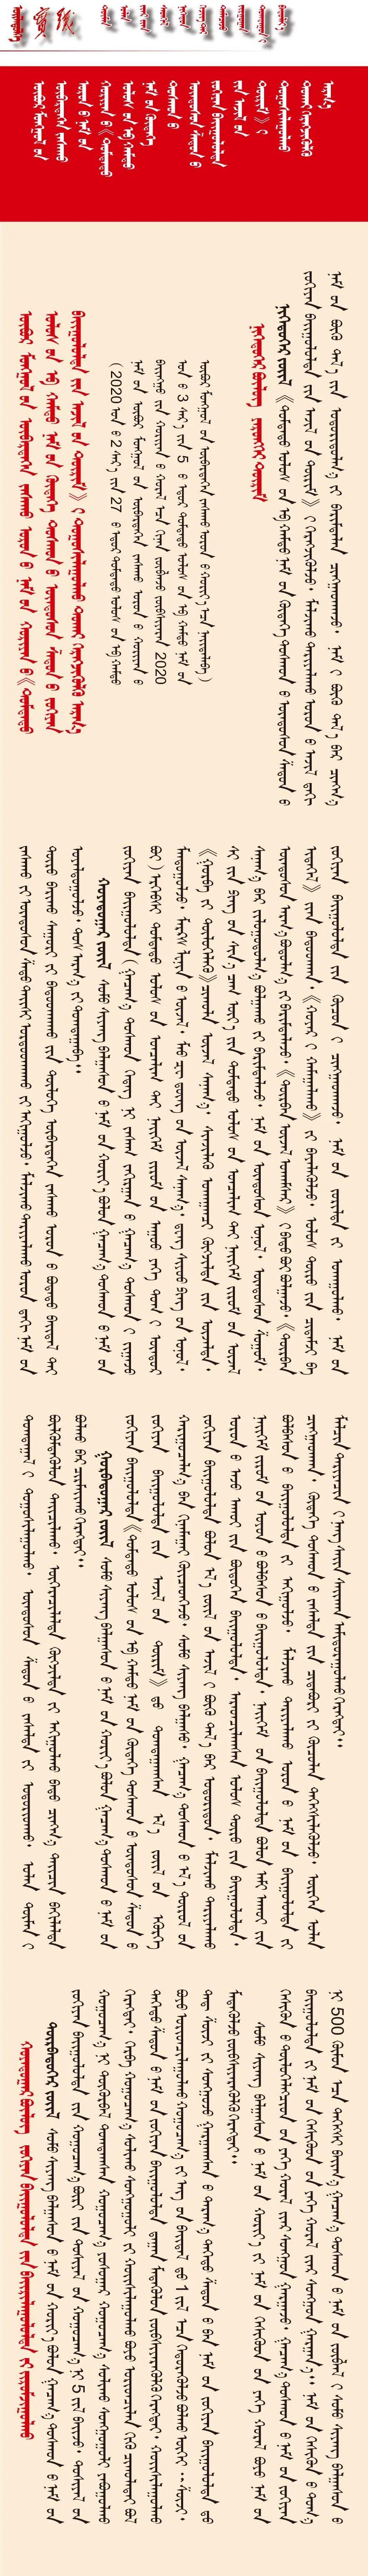 内蒙古自治区党委贯彻《中国共产党农村基层组织工作条例》实施办法 第1张